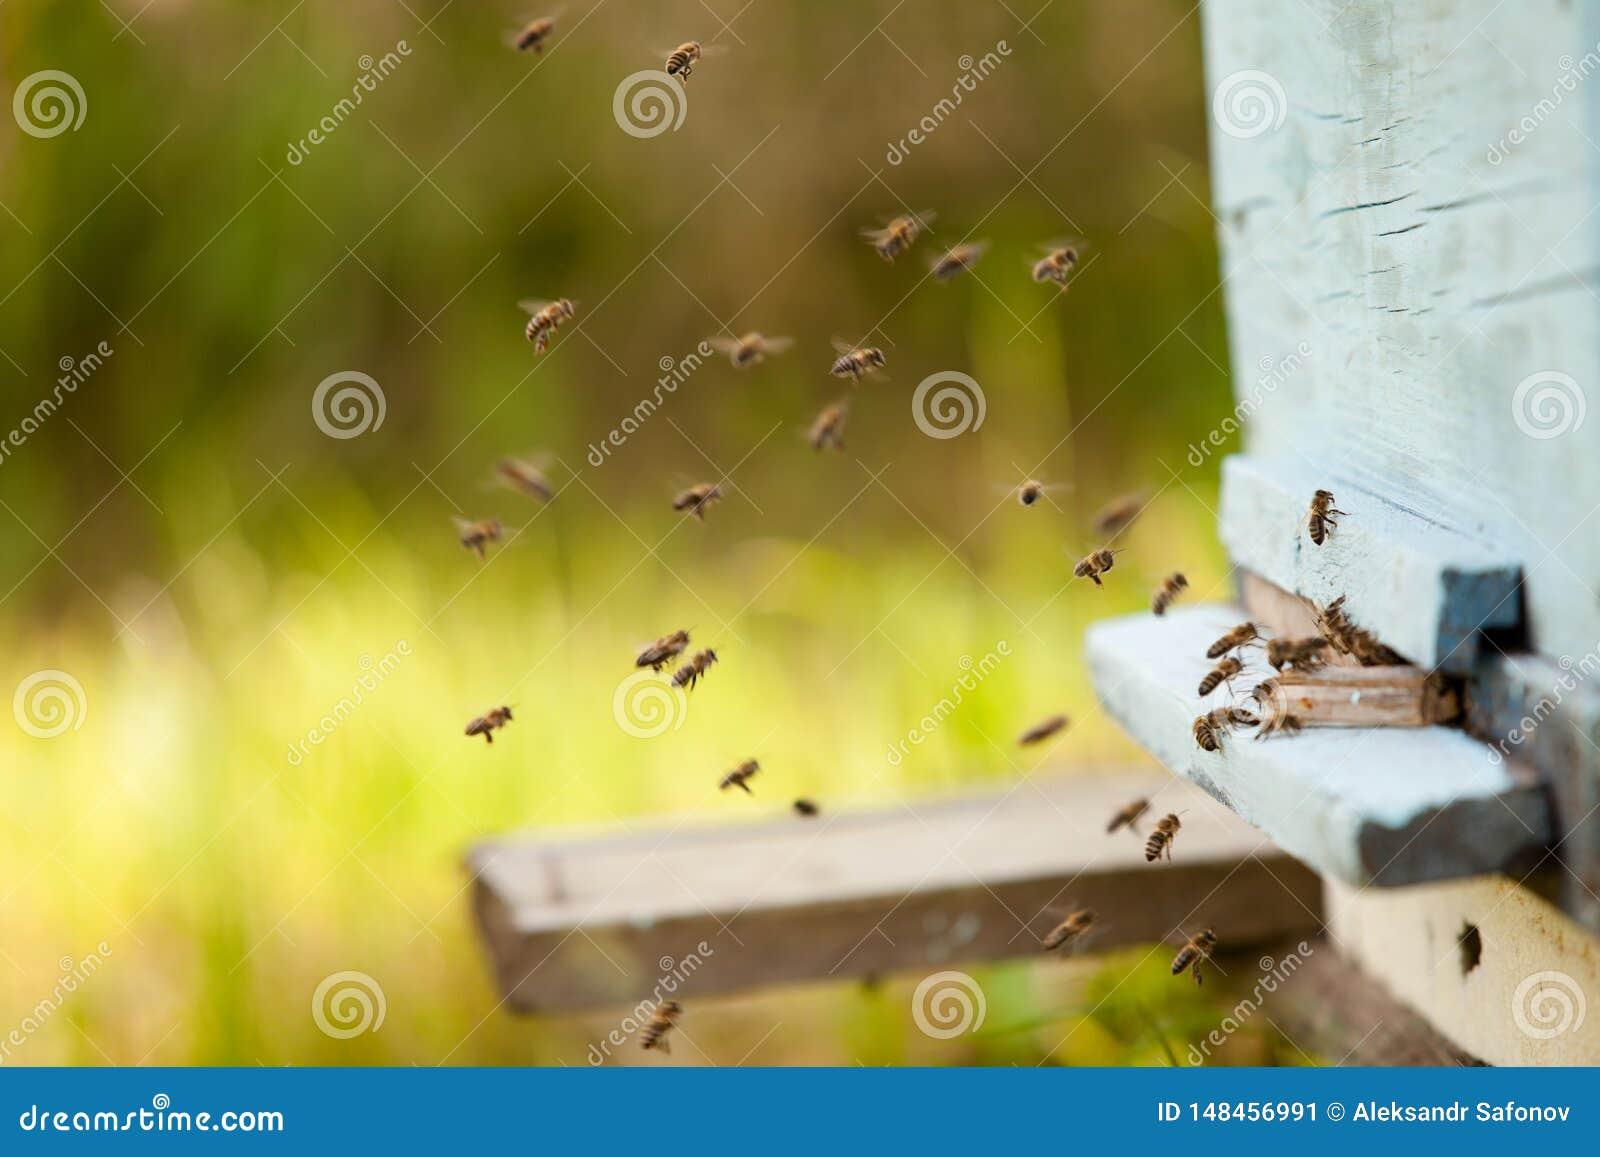 Vele bijen vliegen aan de bijenkorf, imkerij in het platteland bijenstal van bijen in de lente